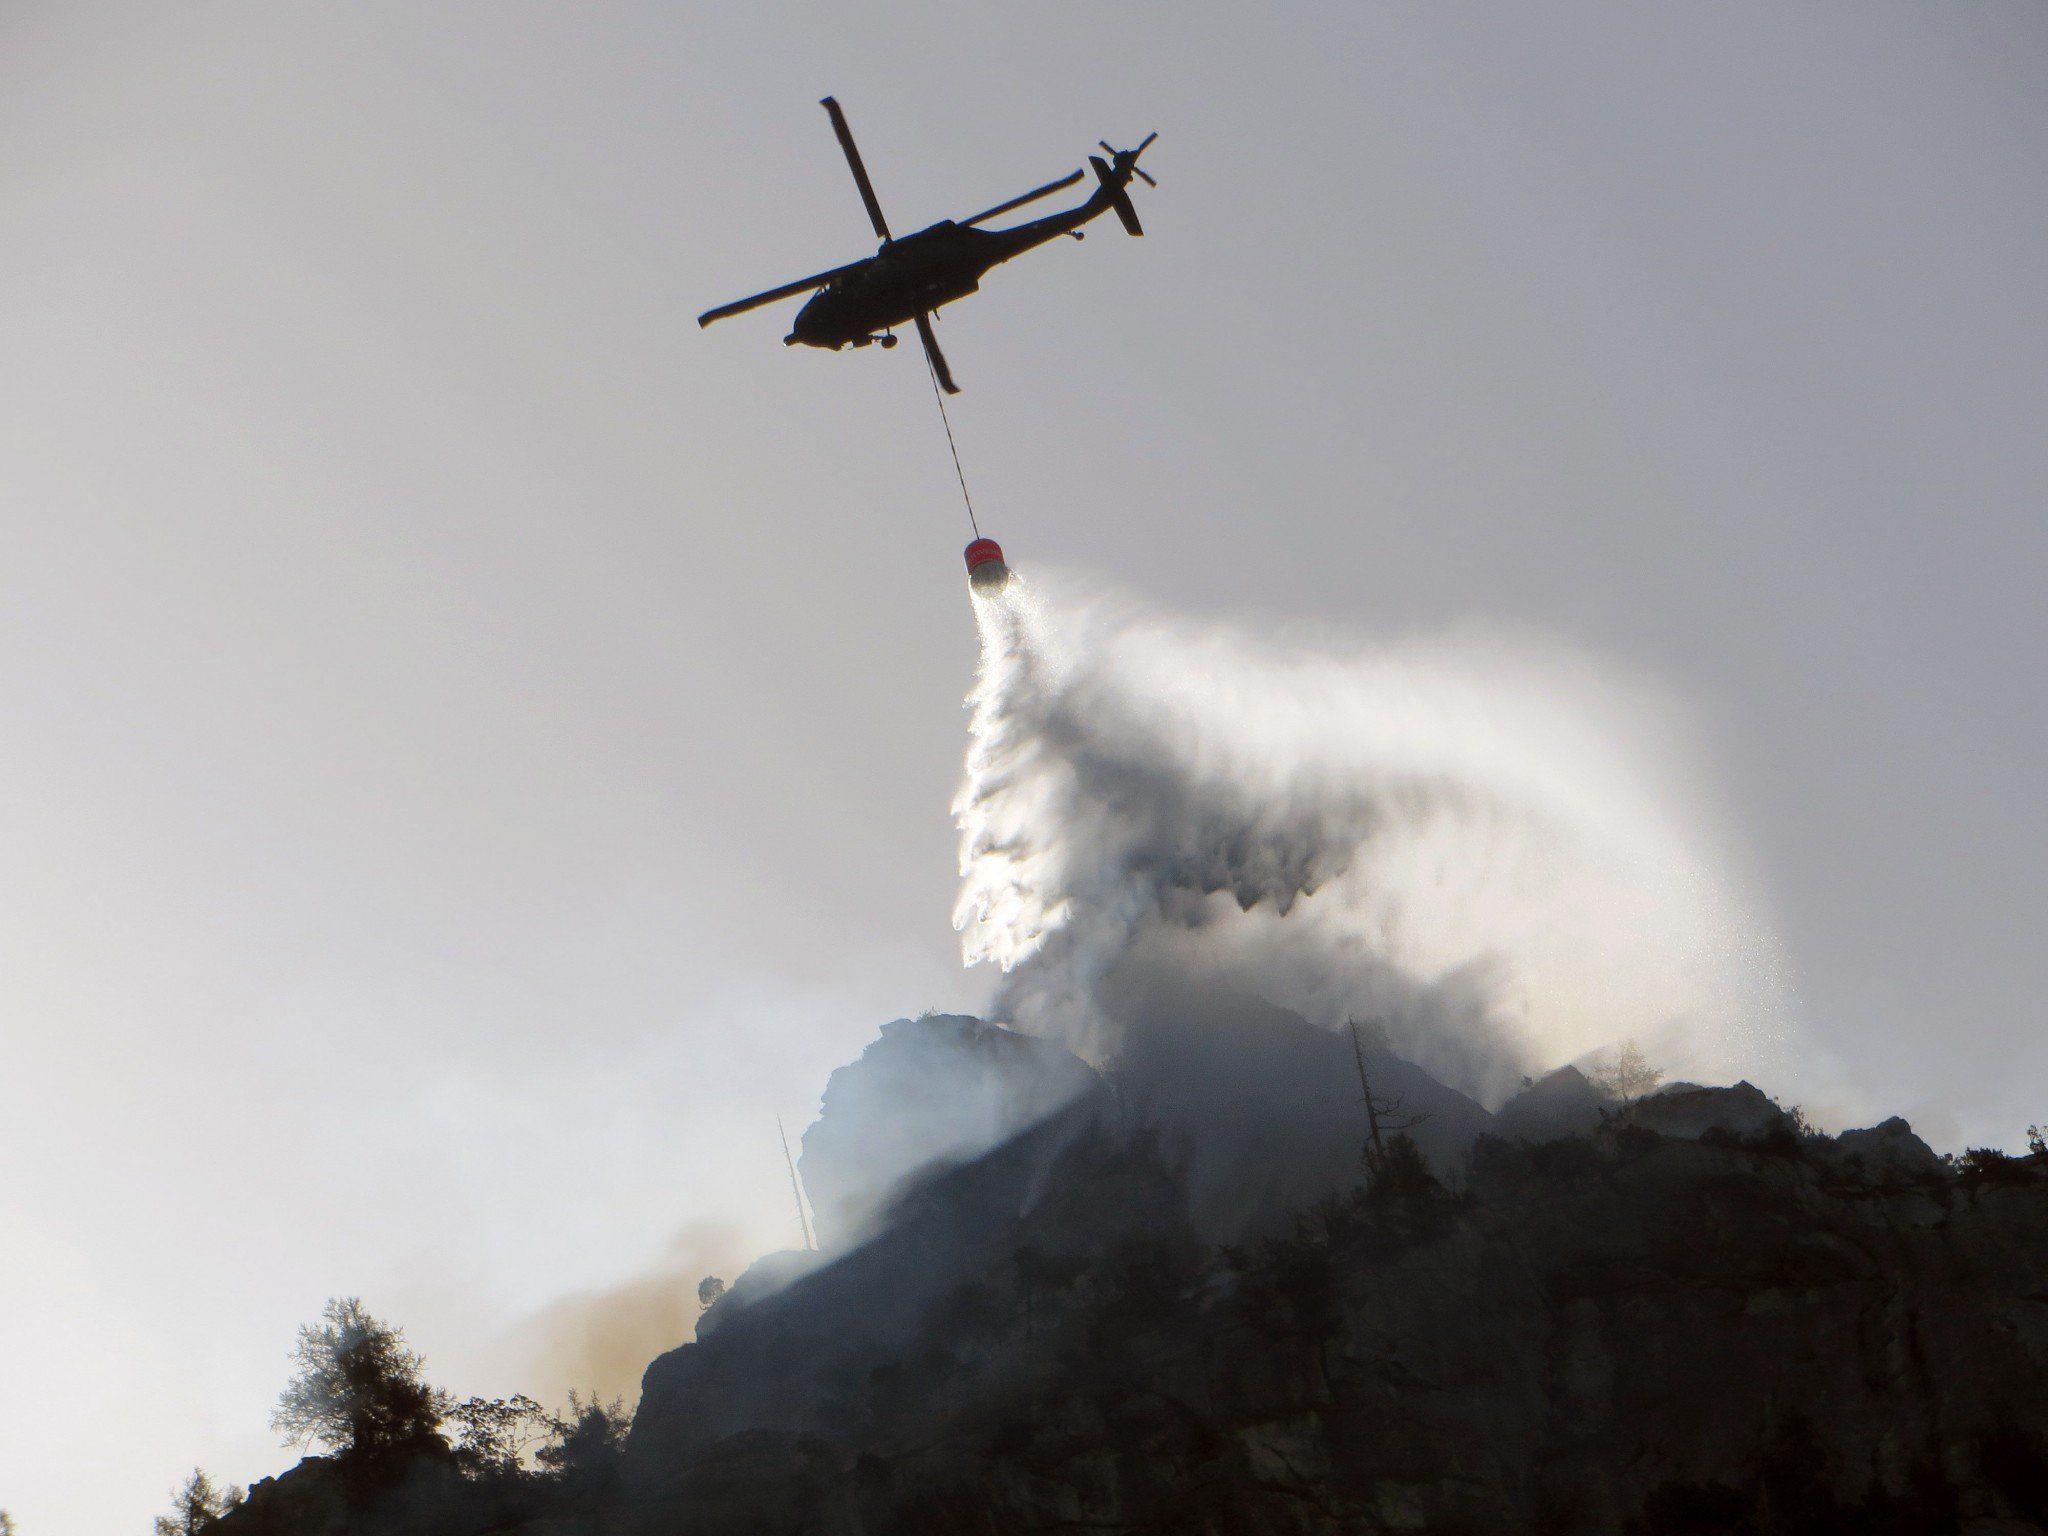 Löscharbeiten mit einem Hubschrauber des Bundesheere bei einem Waldbrand am Klettersteig